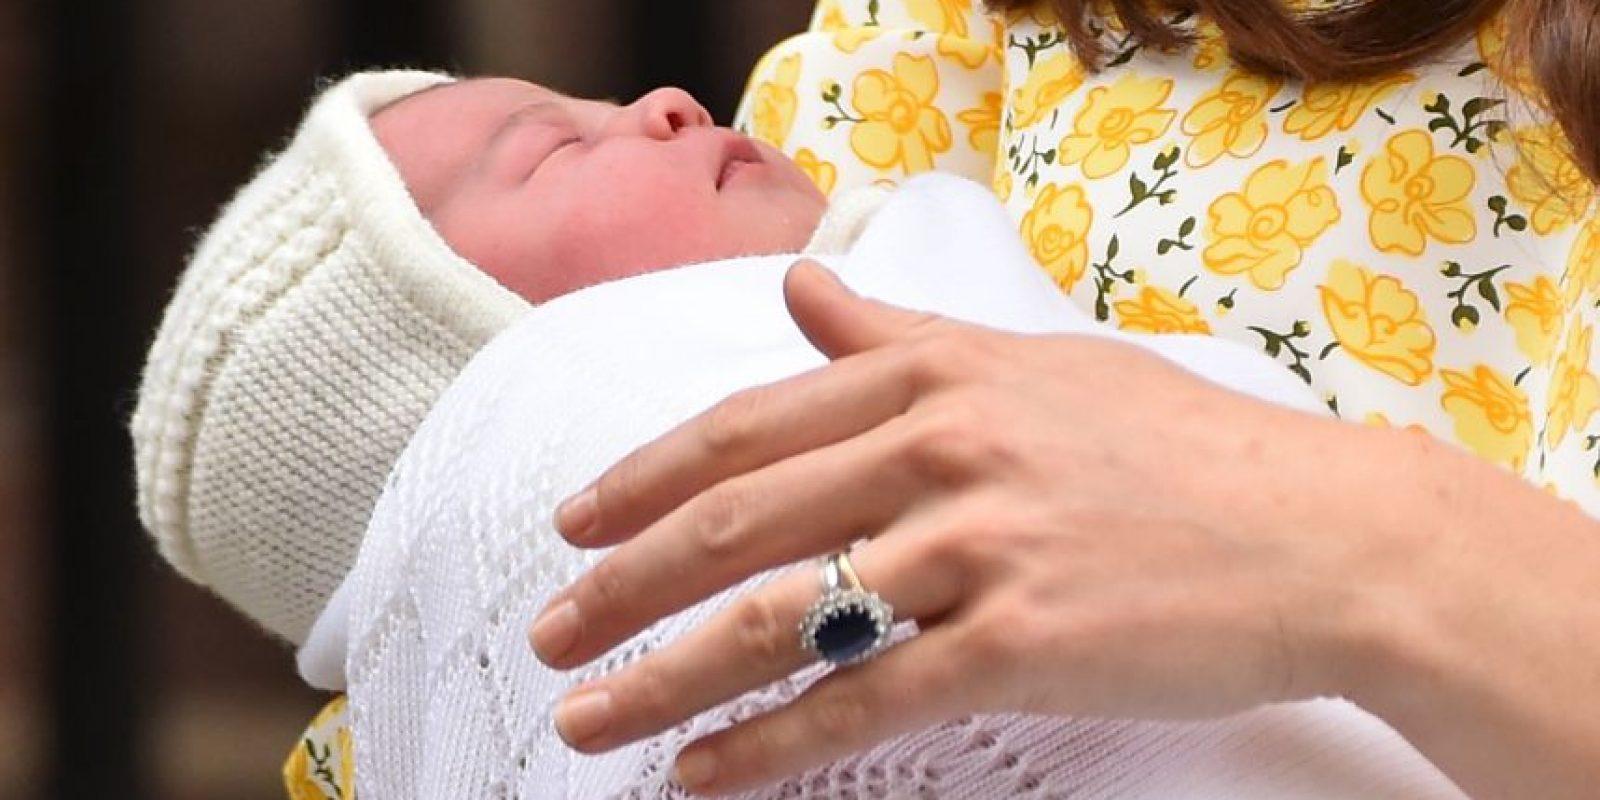 Hoy bautizaron a la princesa Charlotte hija de los duques de Cambridge. Foto:Getty Images